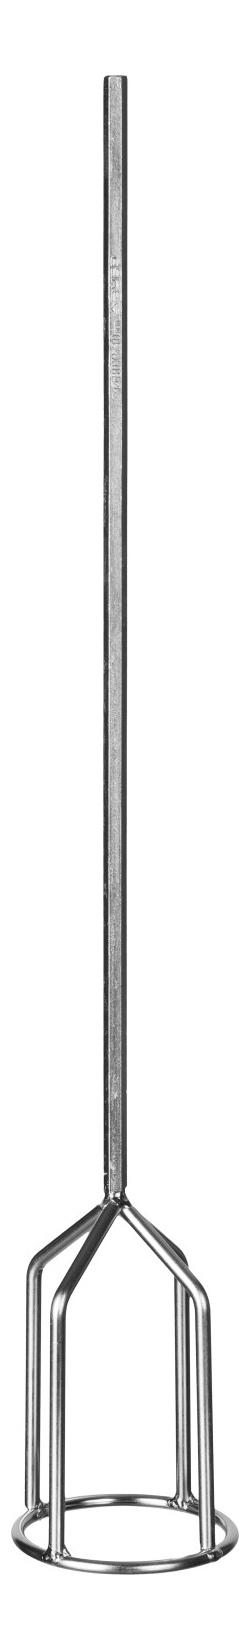 Насадка для смешивания HEX для строительного миксера Зубр 06035-08-53_z02 фото